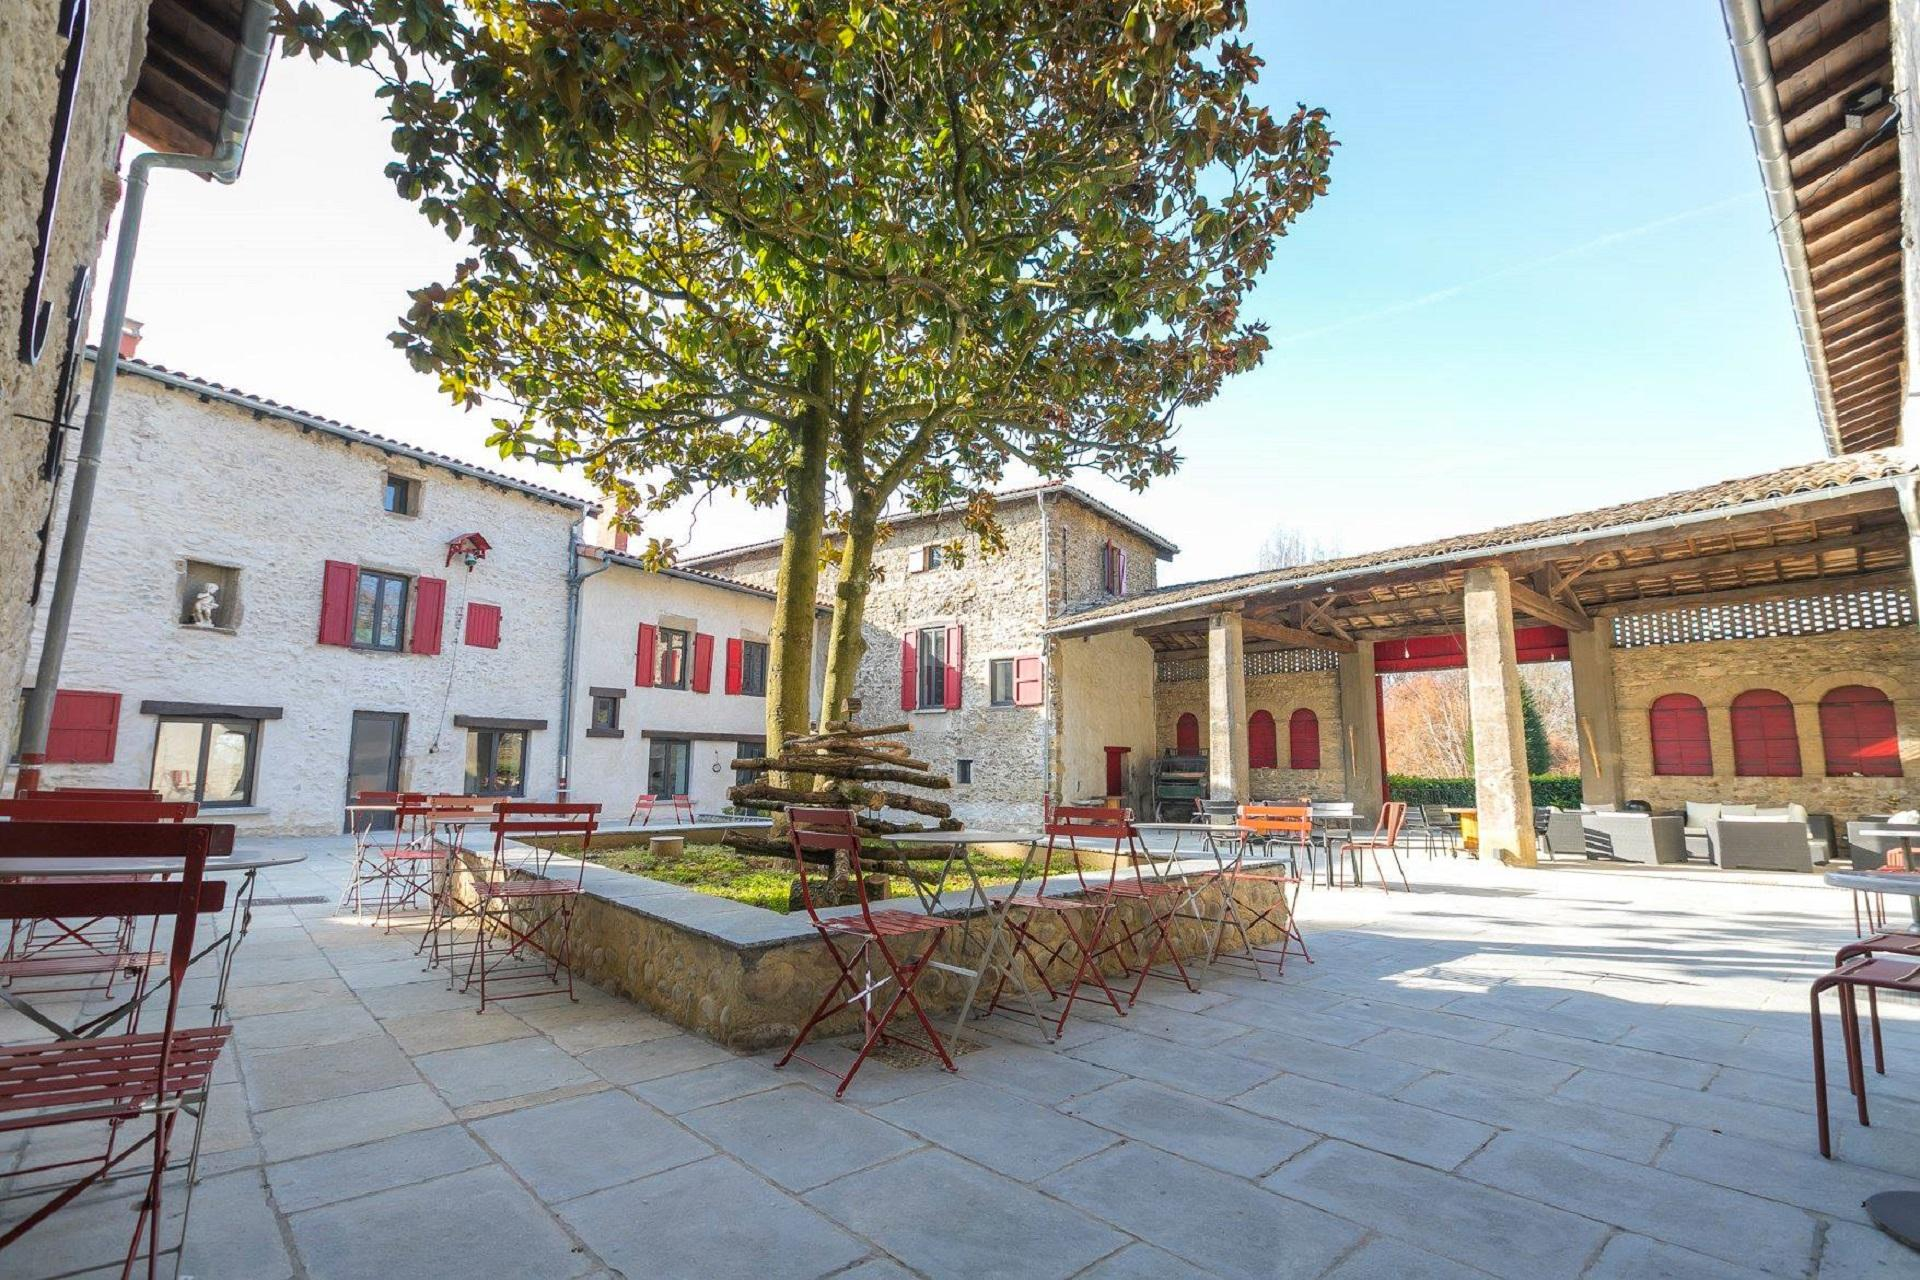 domaine-de-gorneton-lyon-vienne-incentive-reunions-patio-seminaires-de-caractere